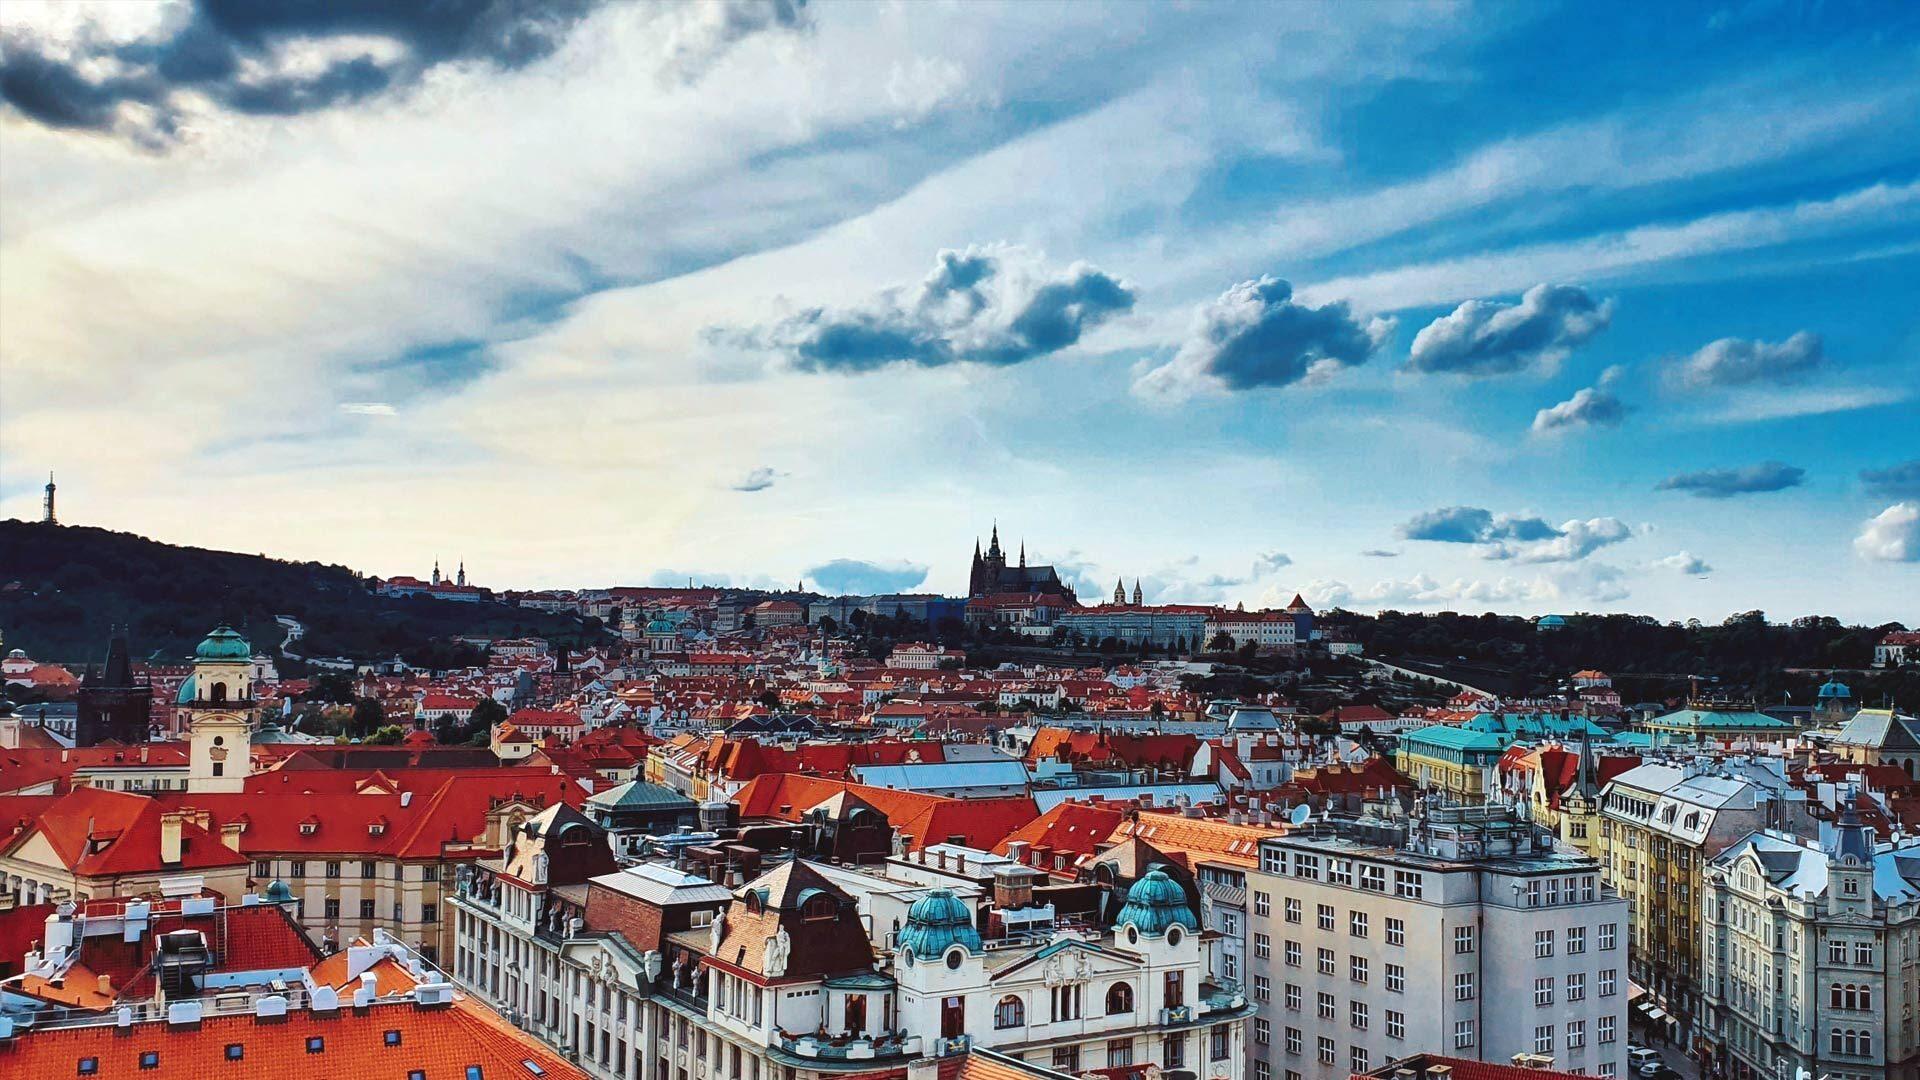 Ceny w Czechach 2021. Ceny w Pradze. Zakupy, sklepy, benzyna, alkohol